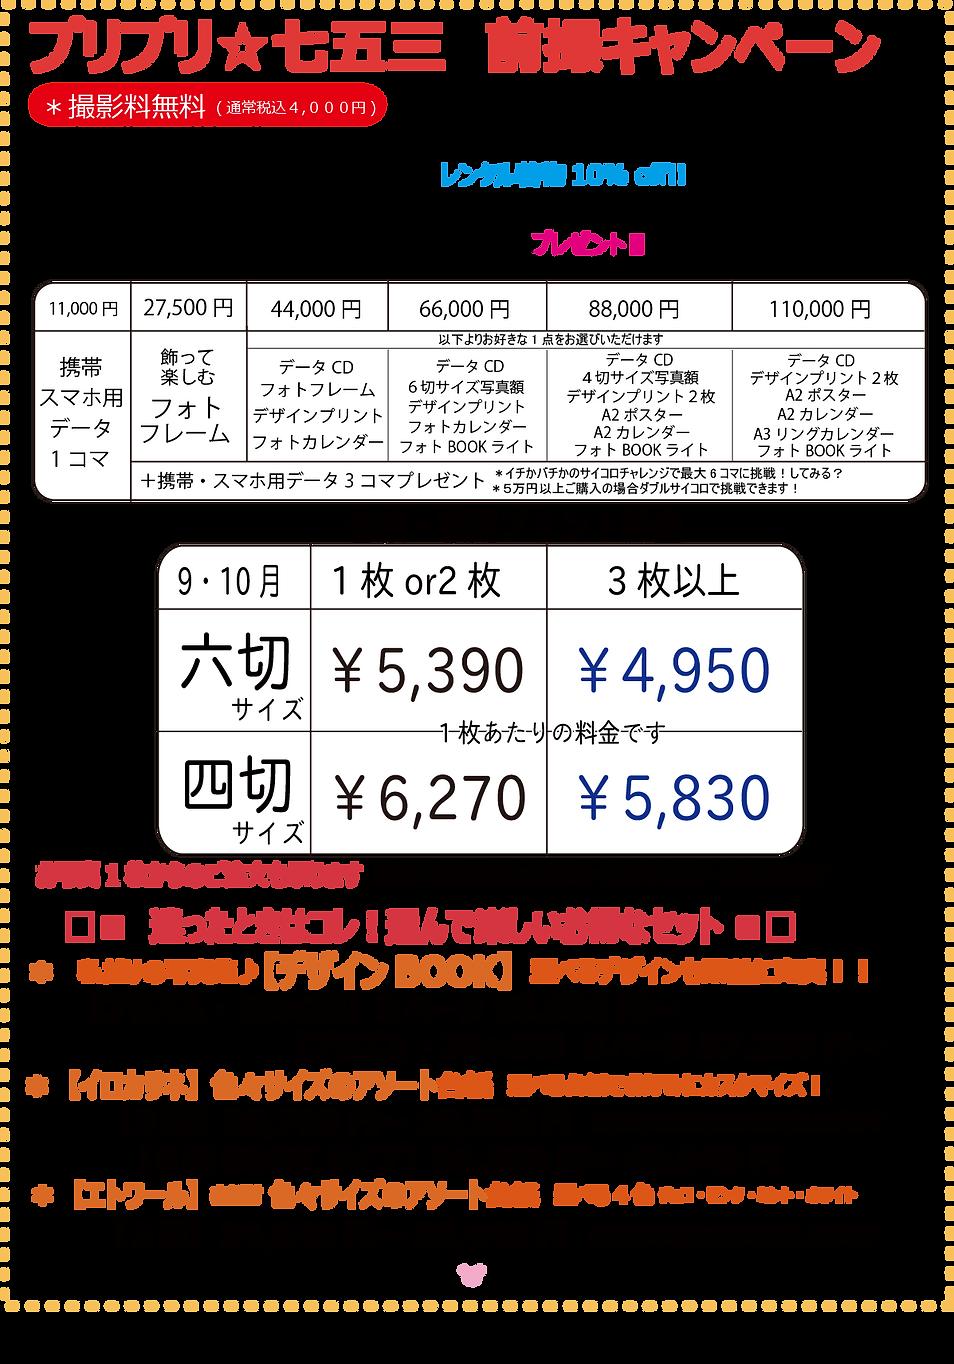 七五三9.10簡易チラシWeb.png